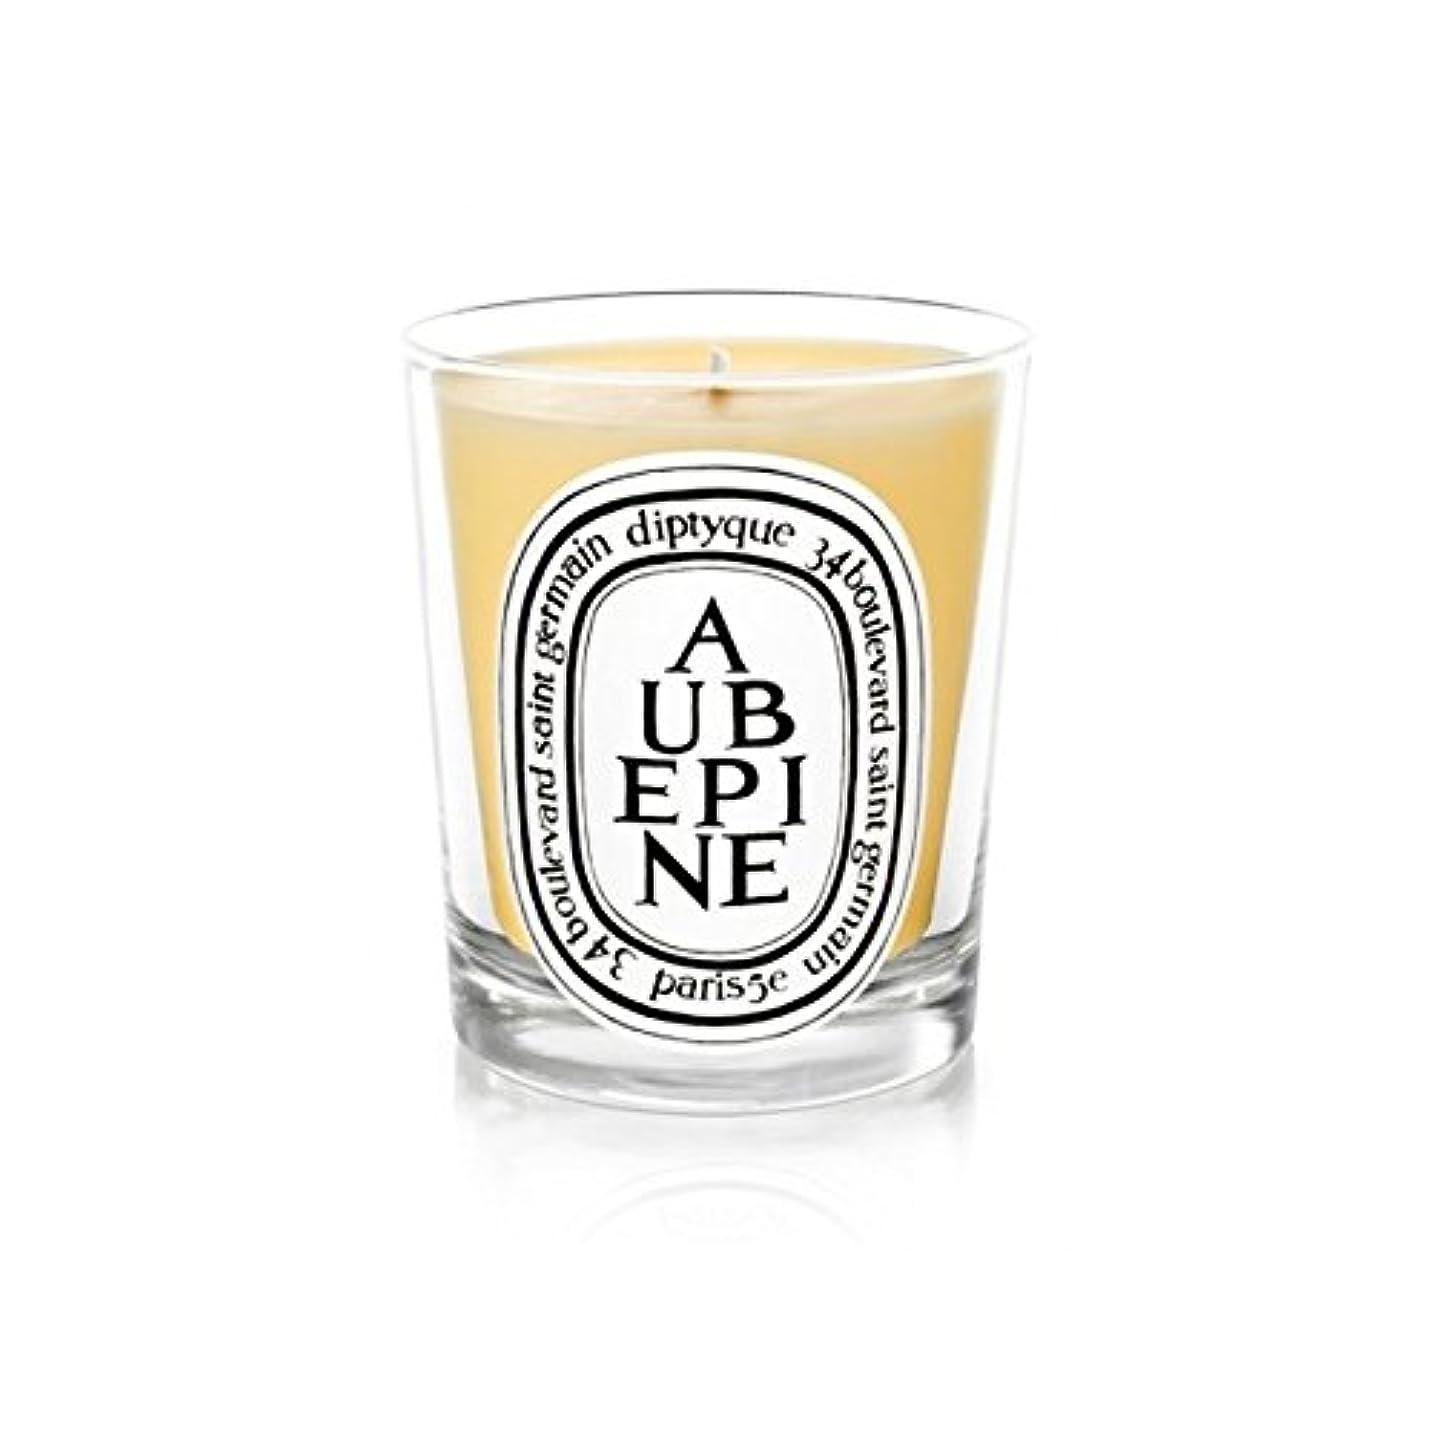 抵抗するナンセンス拒絶するDiptyque Candle Aub?pine / Hawthorn 190g (Pack of 6) - DiptyqueキャンドルAub?pine/サンザシ190グラム (x6) [並行輸入品]